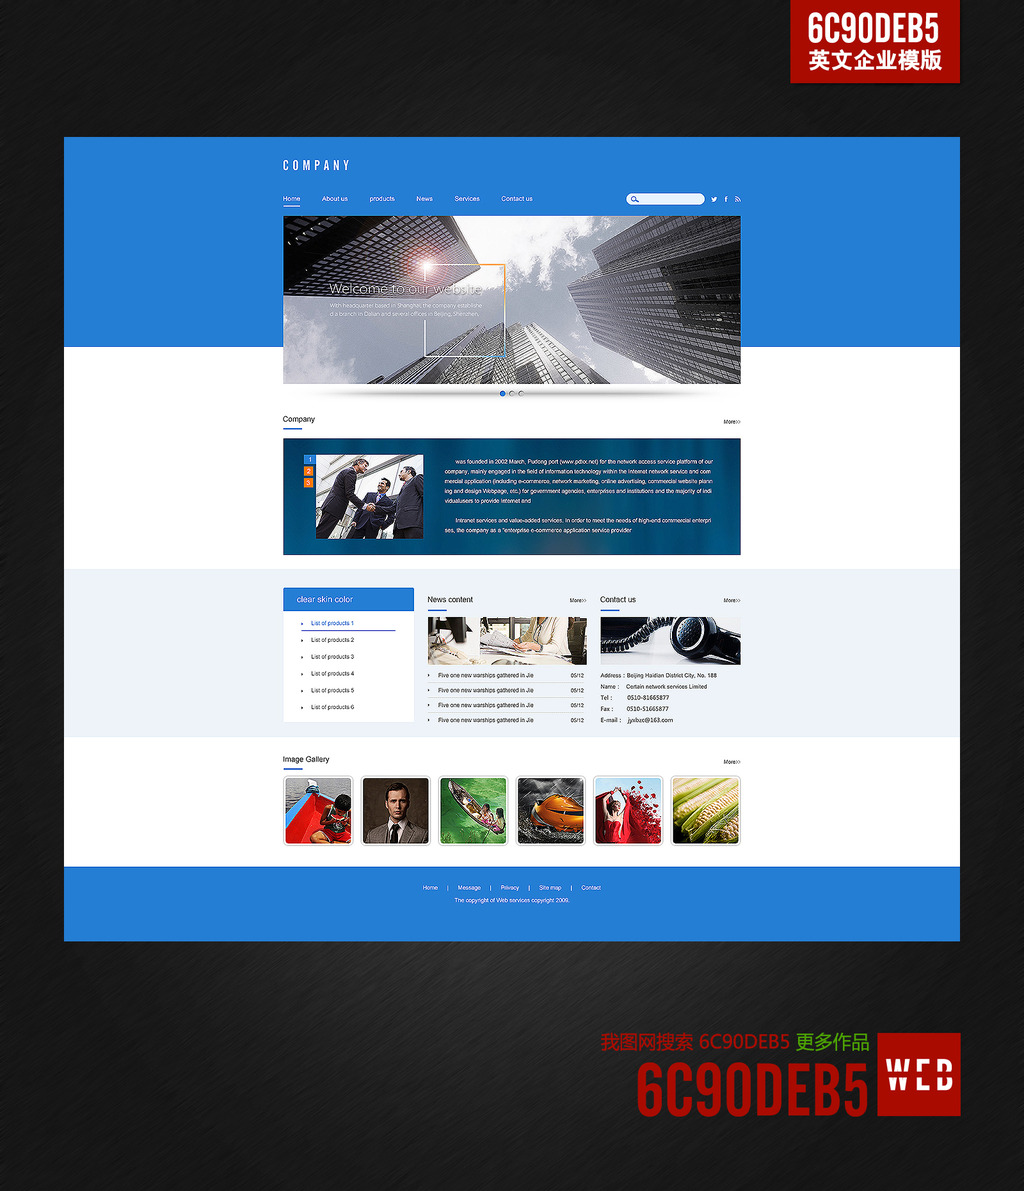 外国企业英文版网站模板